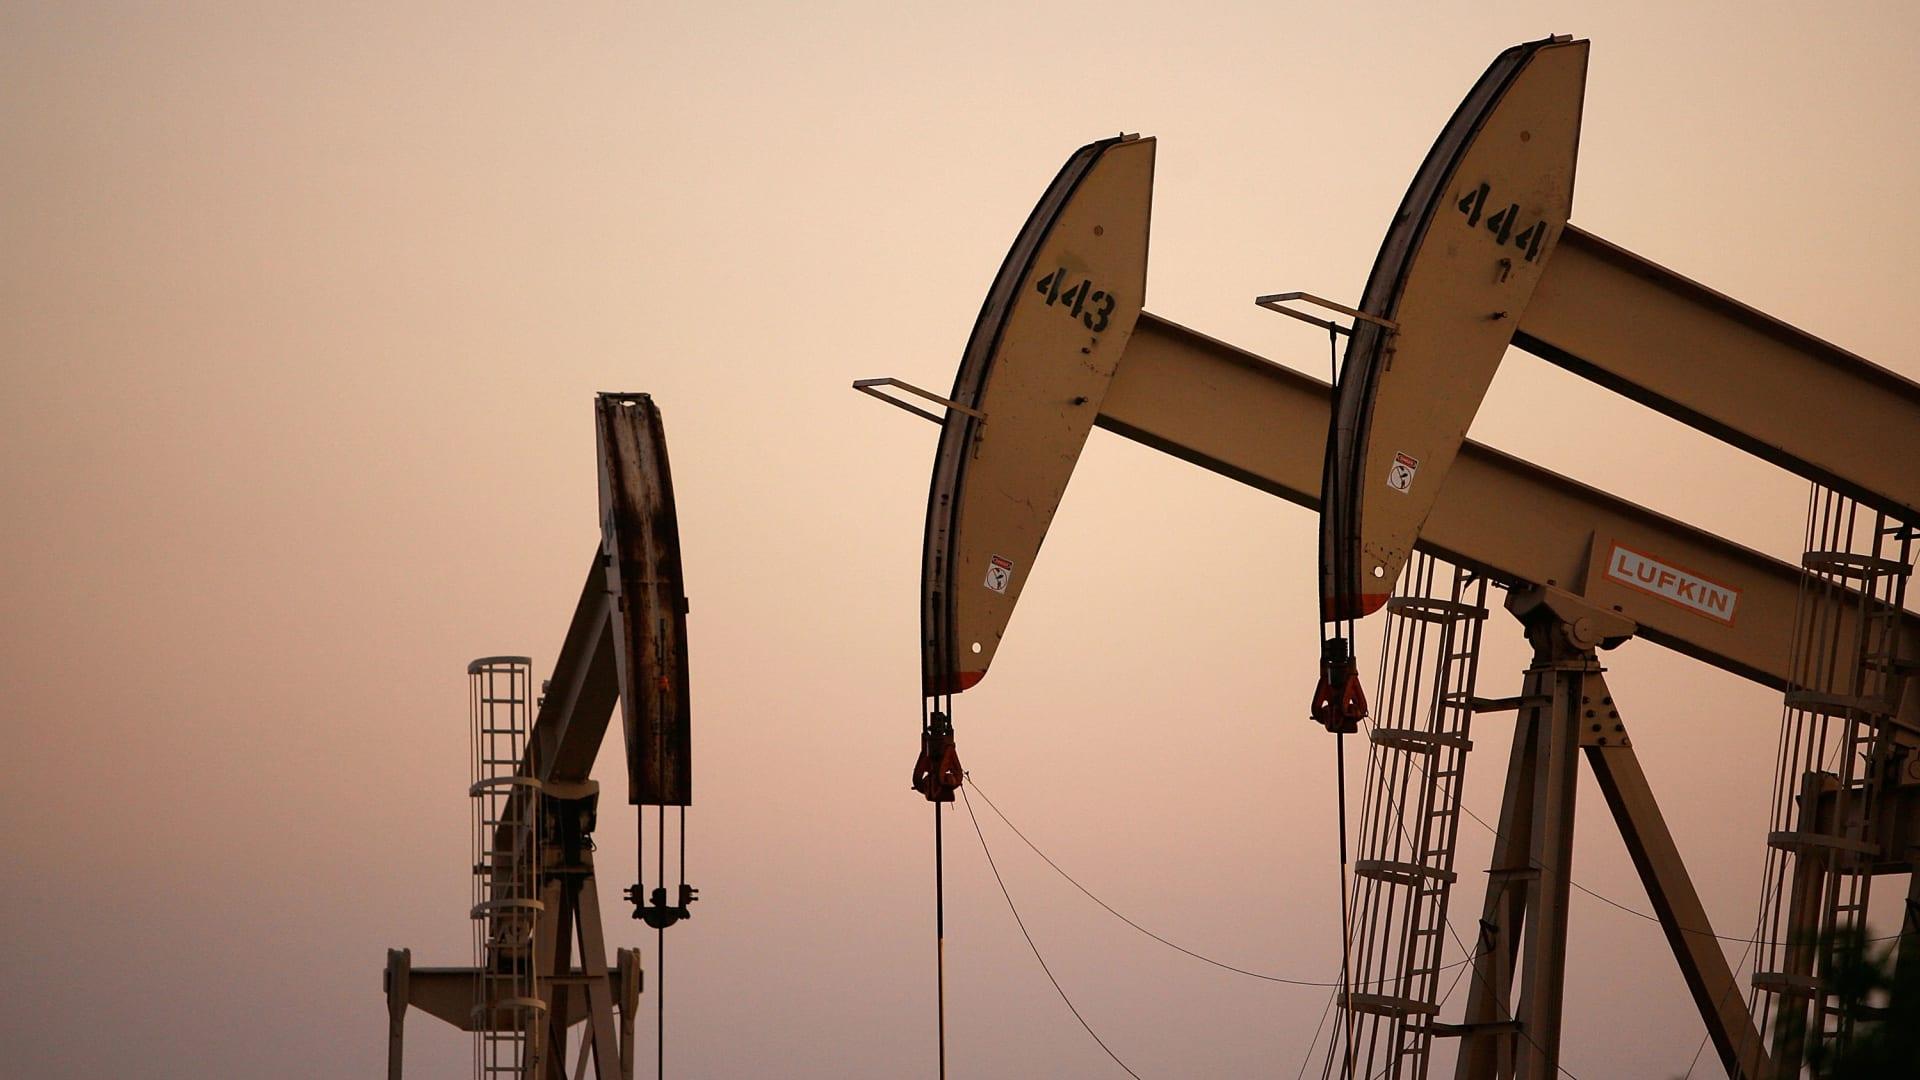 ترامب: أمريكا لم تعد بحاجة إلى استيراد النفط من دول معادية